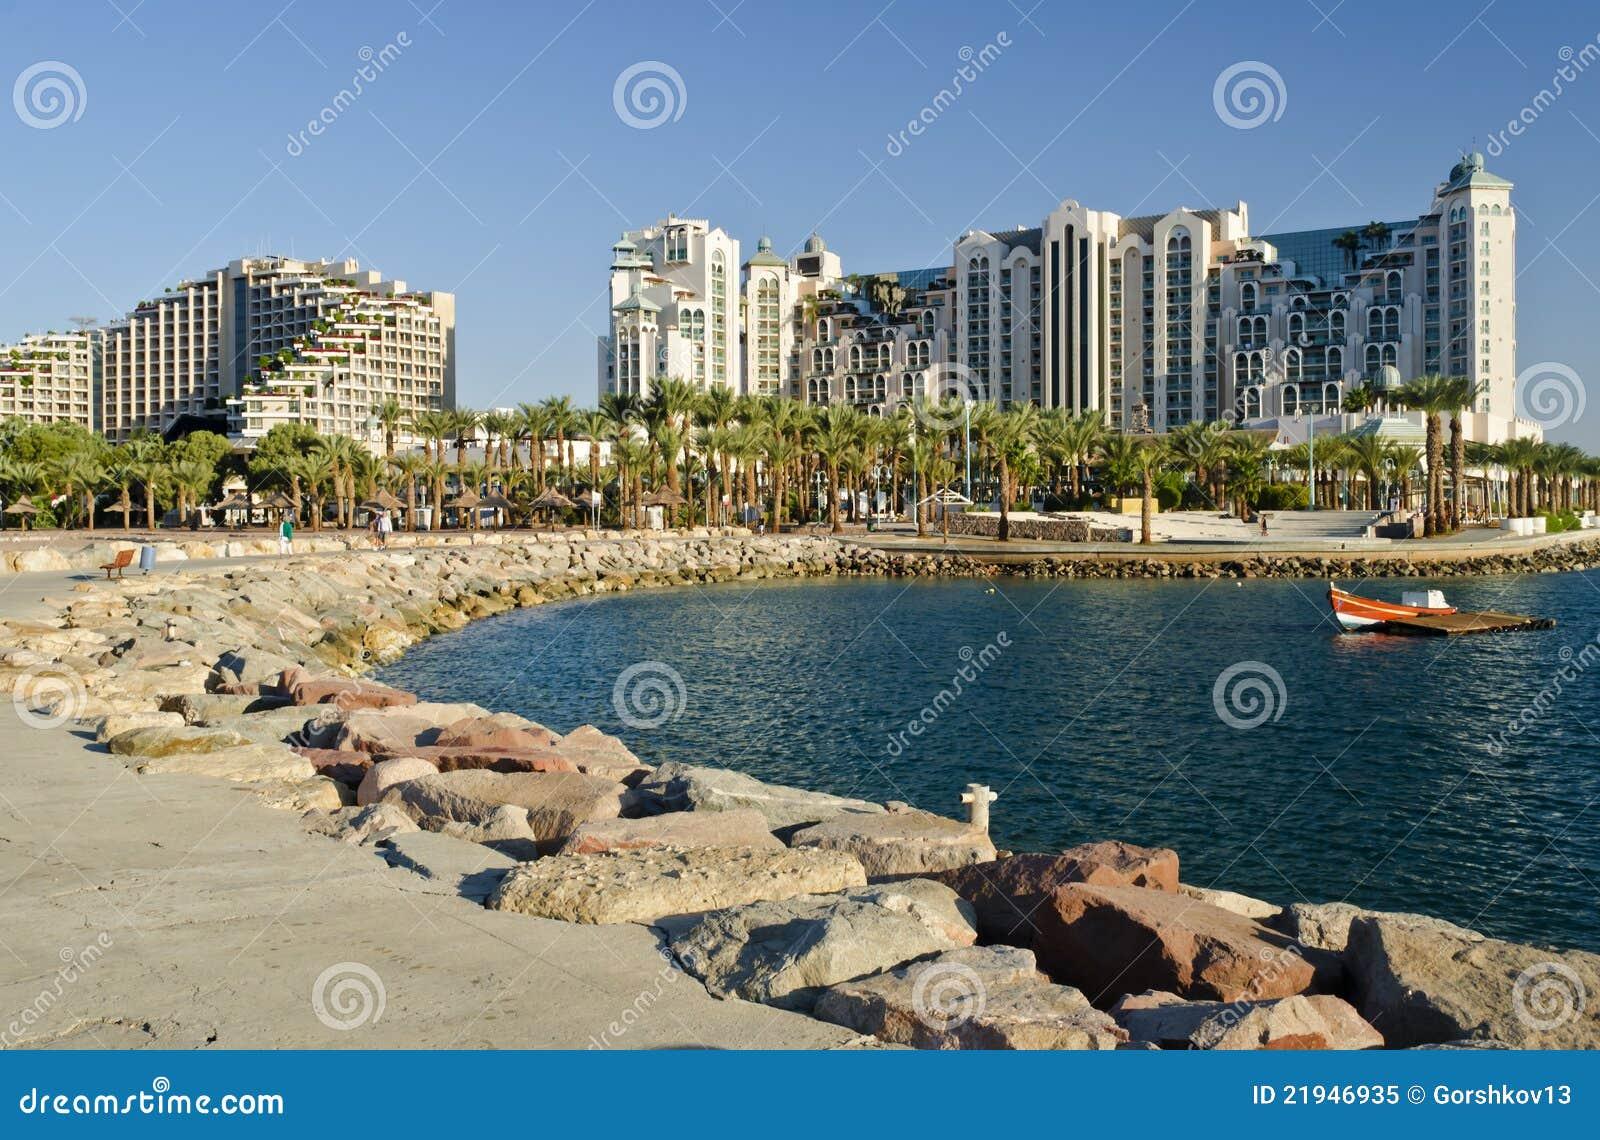 Jachthafen Und Rücksortierunghotels In Eilat Israel Stockbild